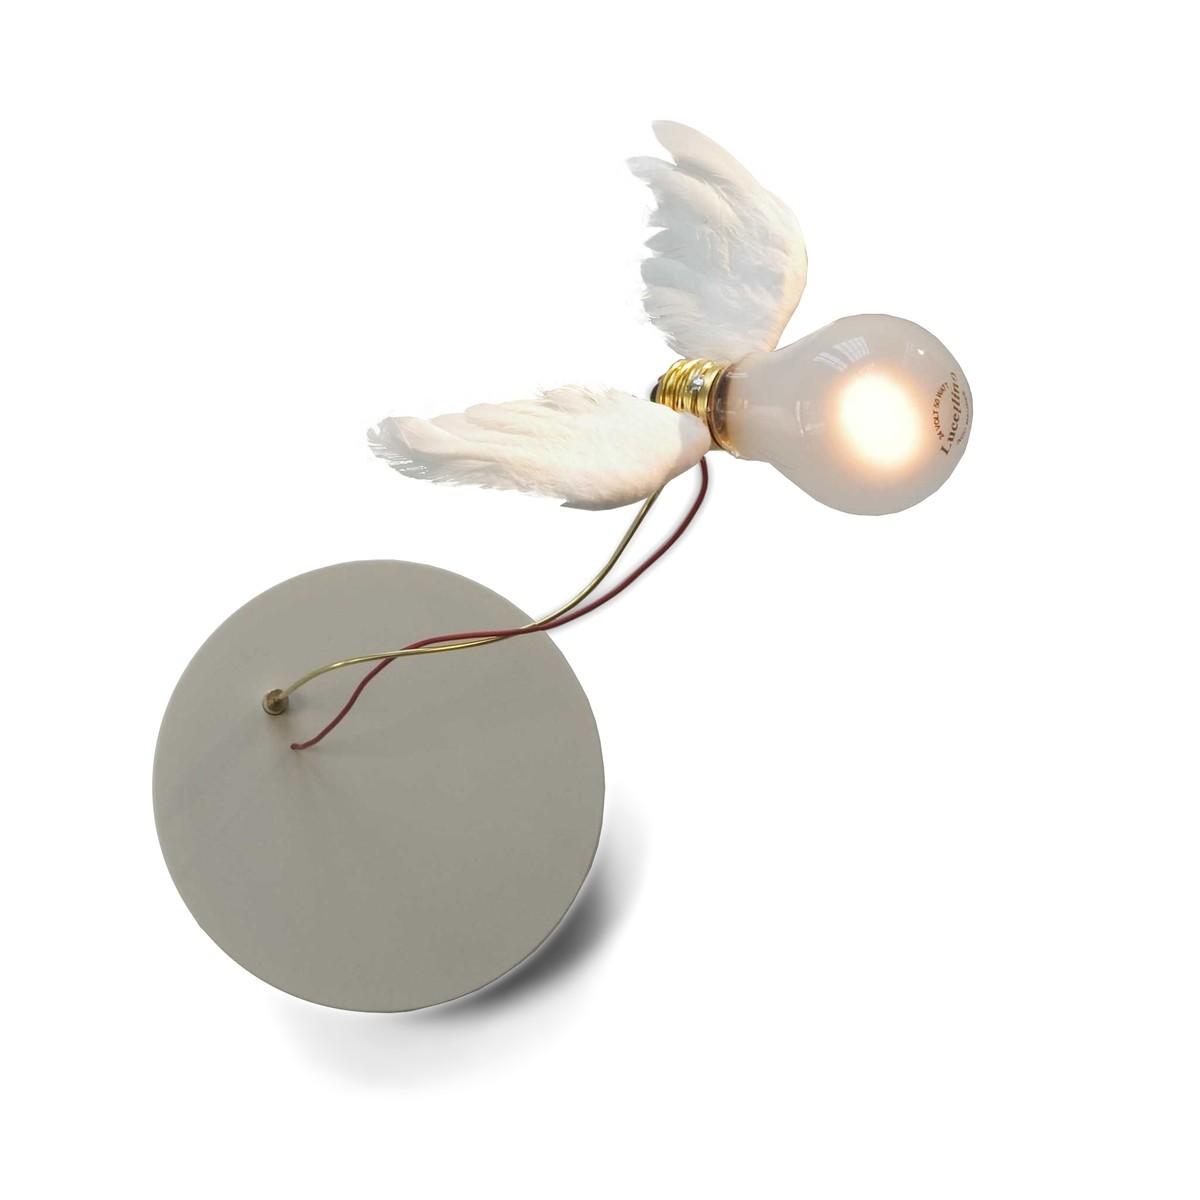 lucellino nt carrerouge luminaires et mobilier de design lampes lighting. Black Bedroom Furniture Sets. Home Design Ideas